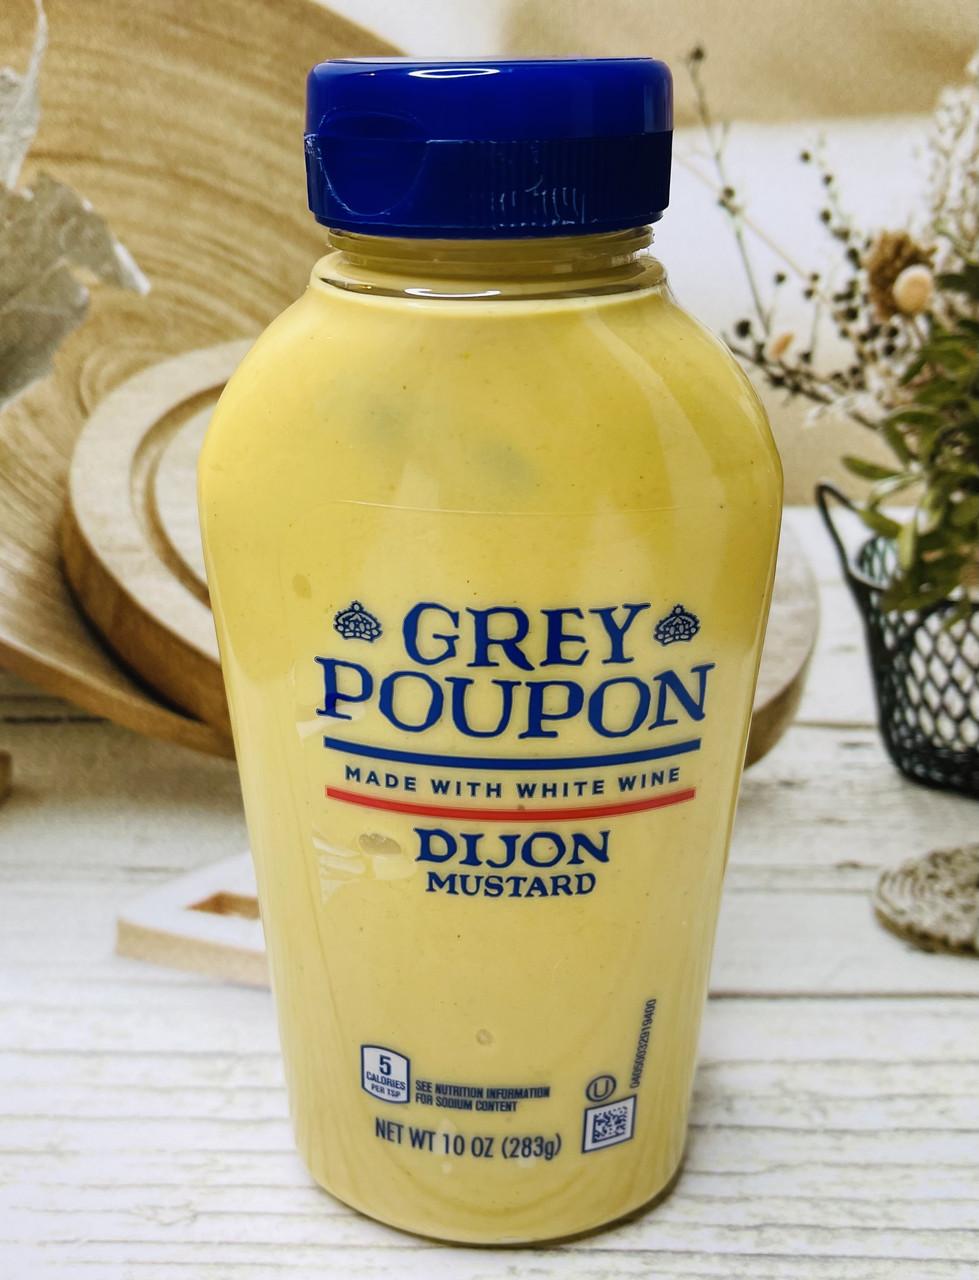 Горчица Grey Poupon Dijon Mustard настоянная на белом вине